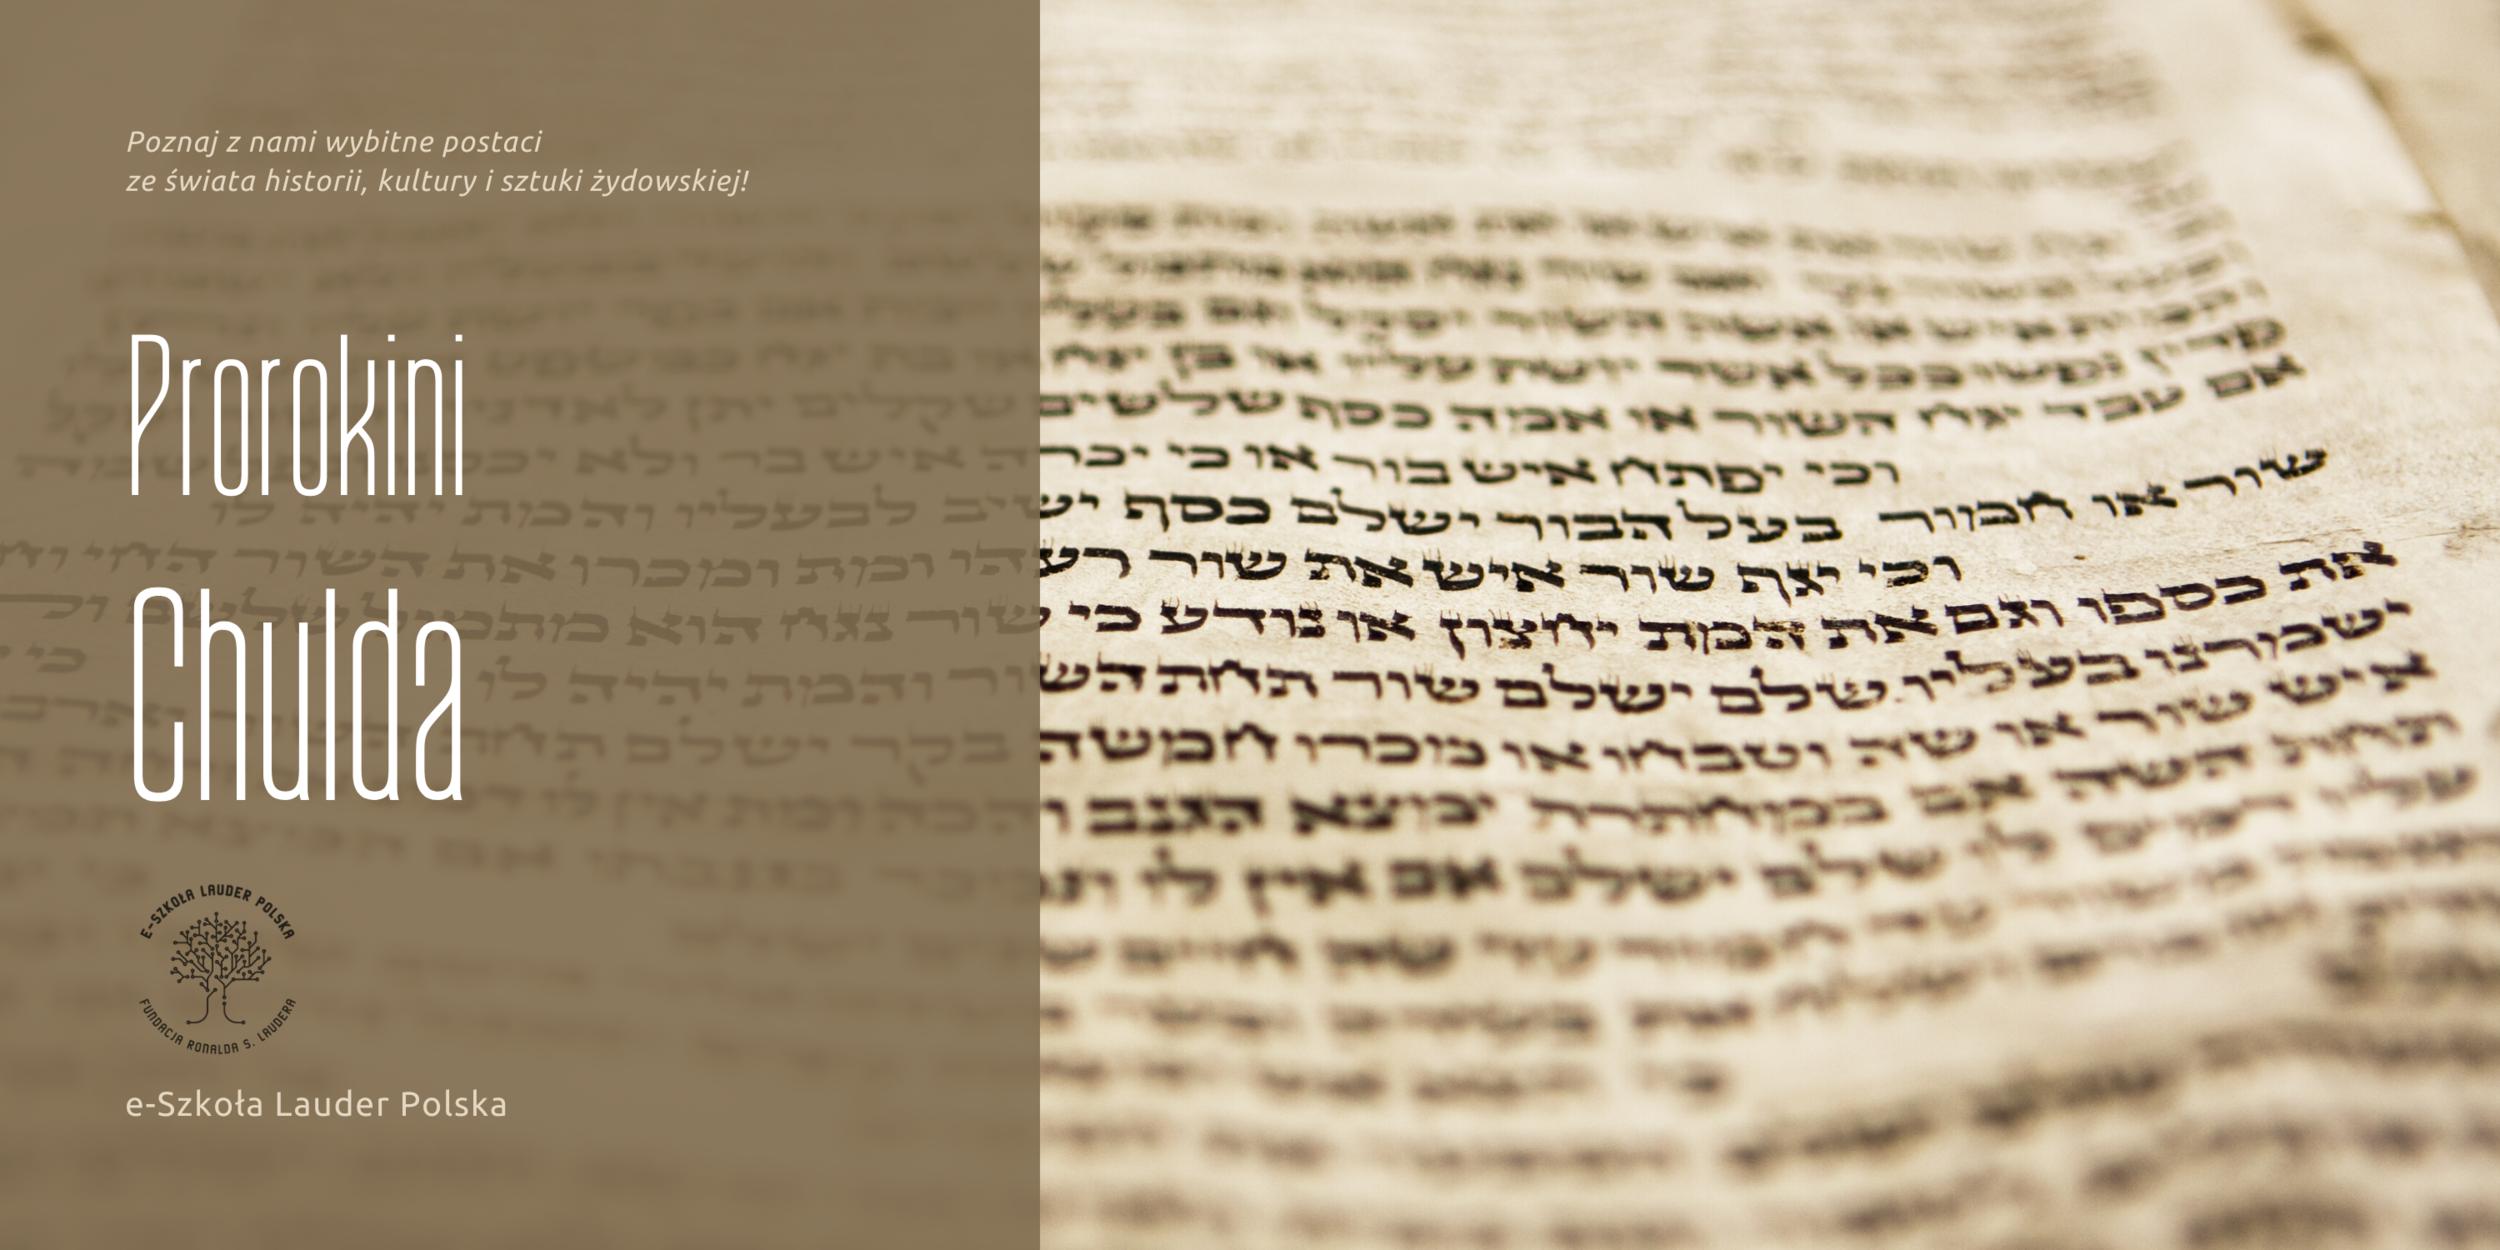 Chulda – prorokini z czasów Pierwszej Świątyni